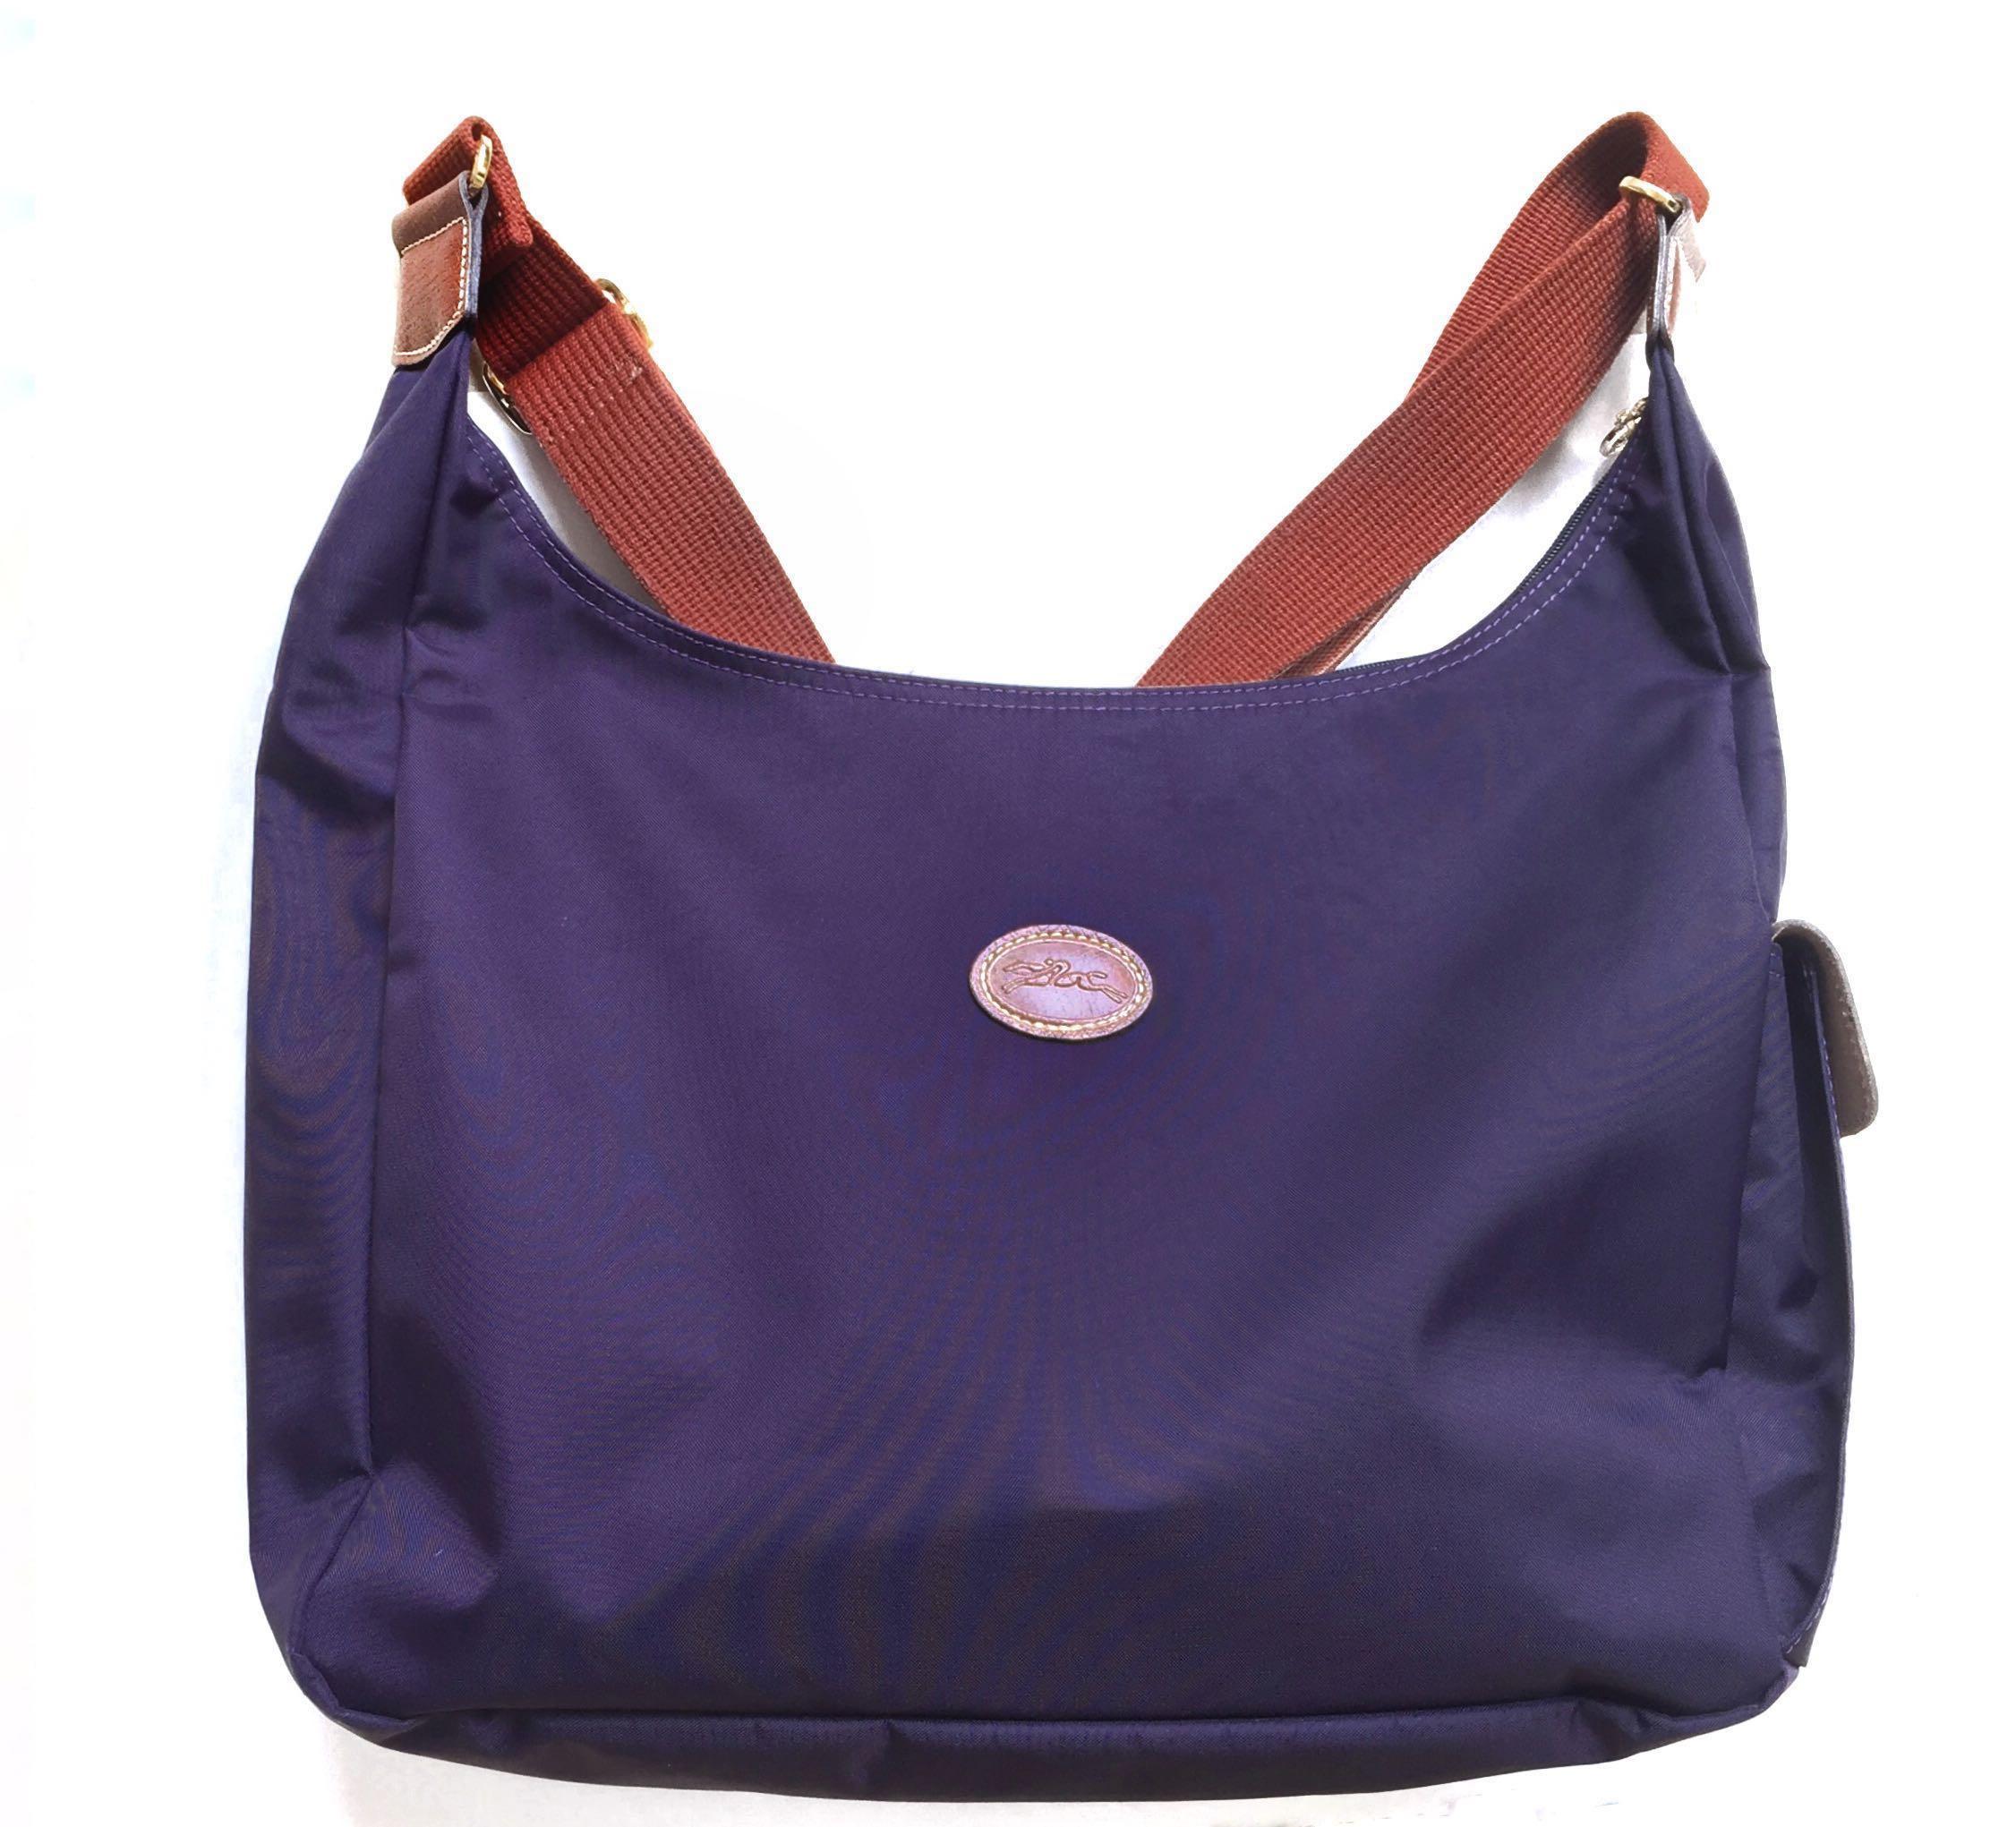 e4ab6111a5ab Authentic Longchamp Shoulder Sling Bag, Luxury, Bags & Wallets ...